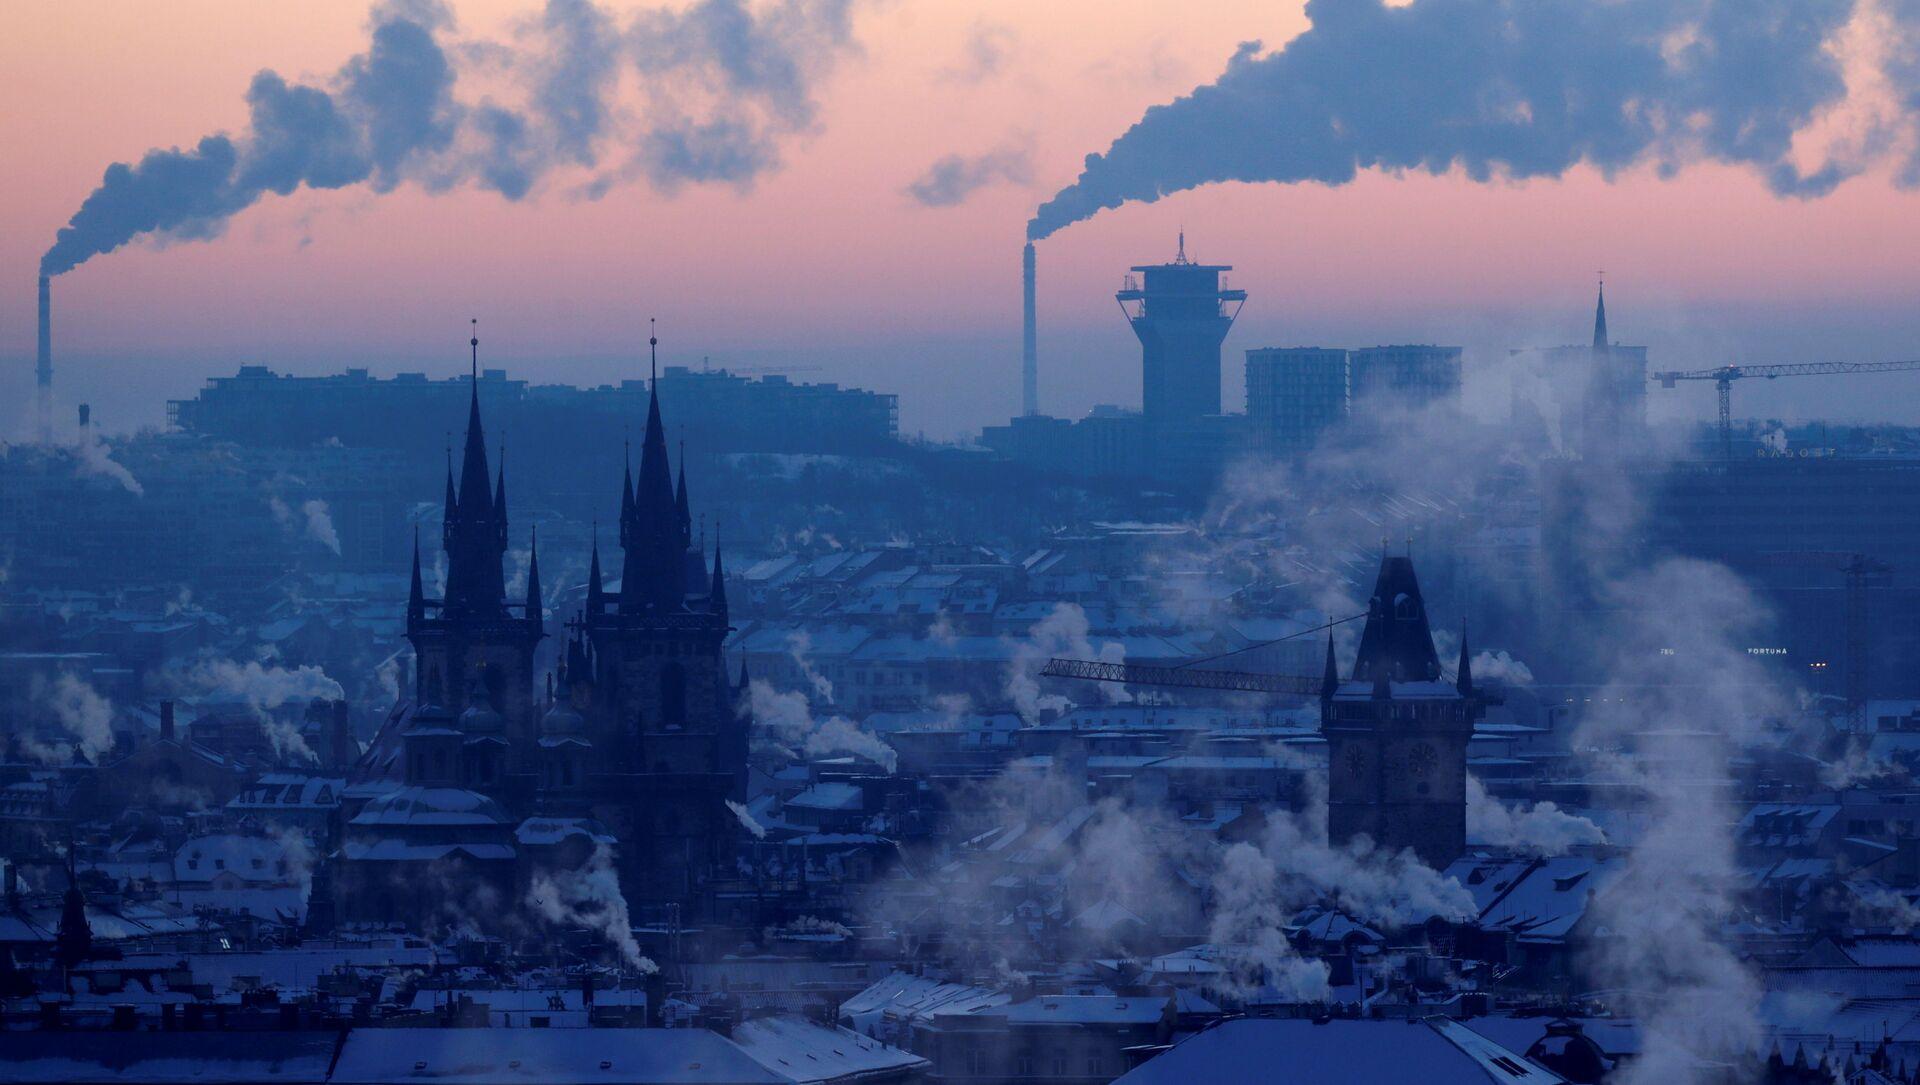 Pohled na zimní Prahu, 2021 - Sputnik Česká republika, 1920, 18.02.2021